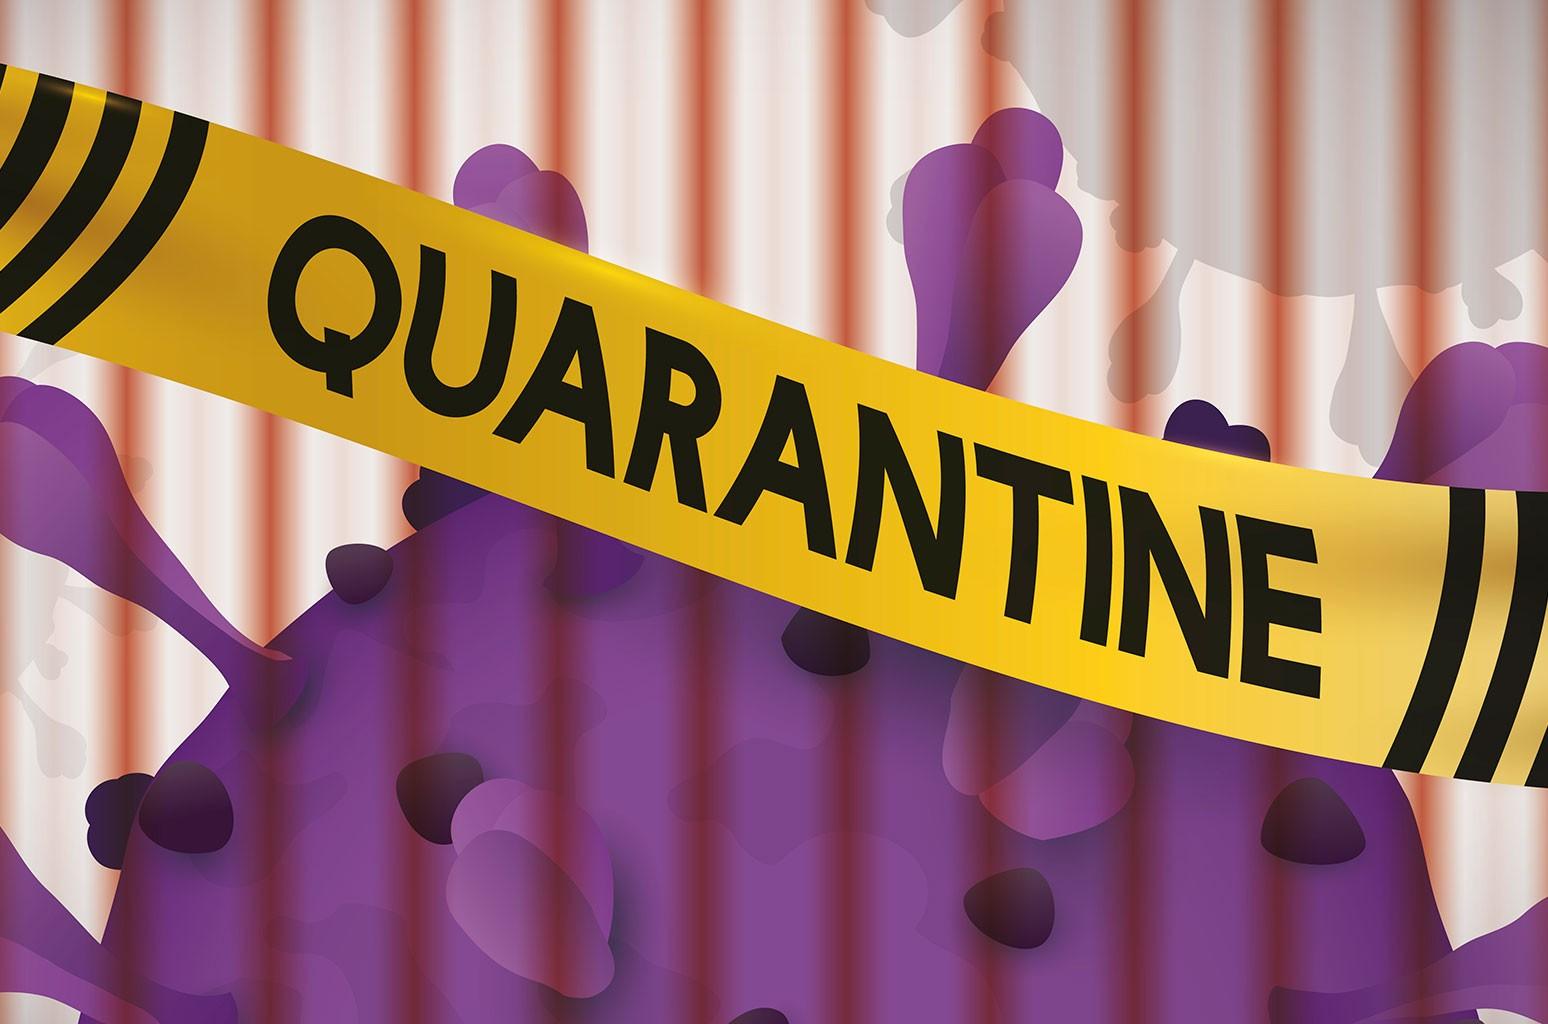 covid-19-quarantine-illo-02-2020-billboard-1548-1584567783-compressed